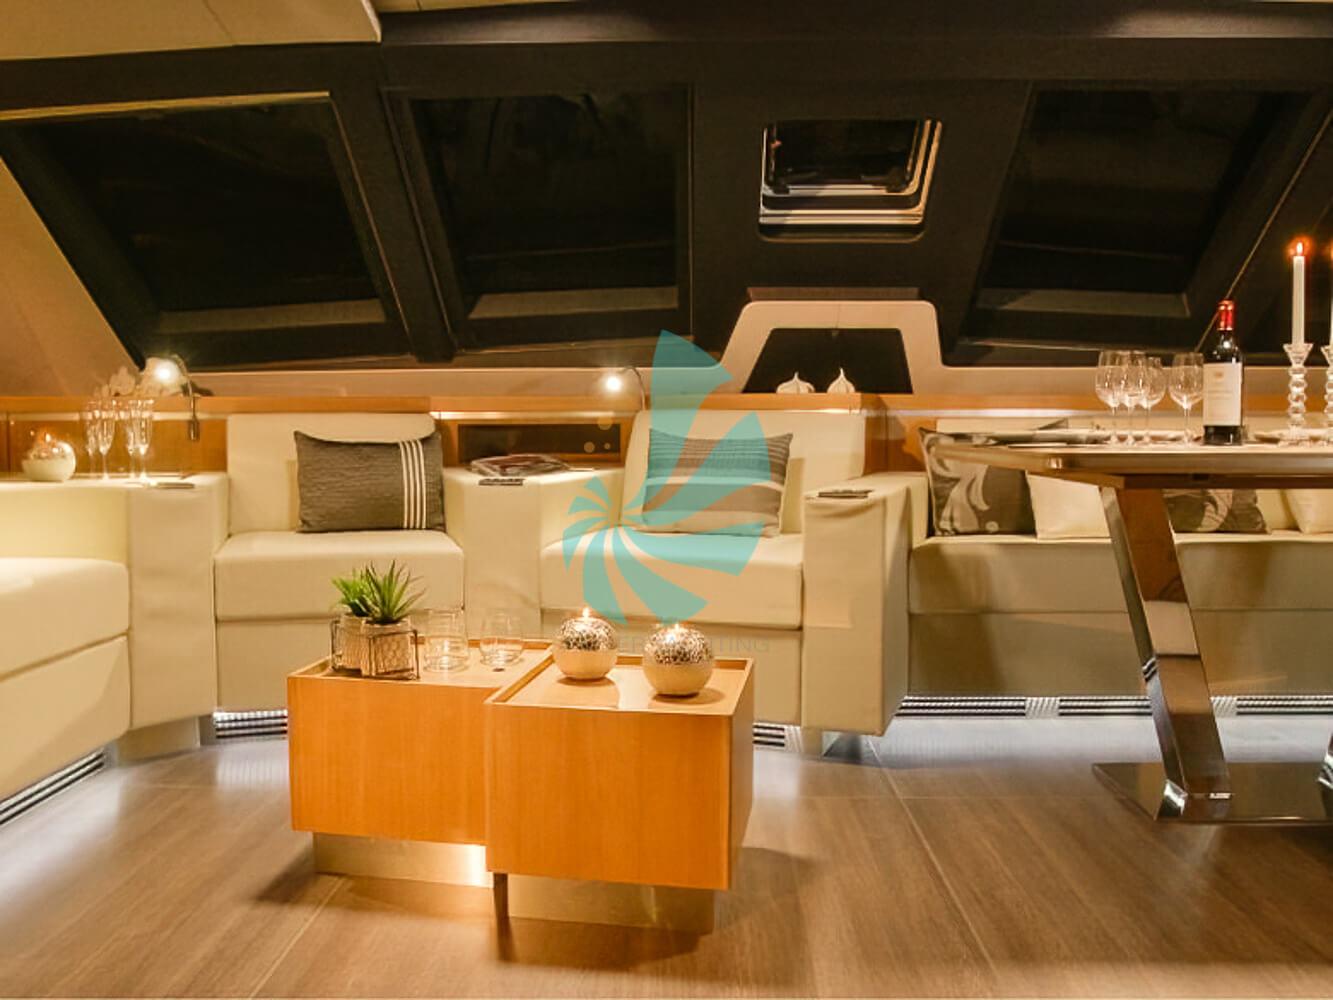 Catamaran a voile Privilege Série 6 interieur luxueux, a vendre chez www.amber-yachting.com